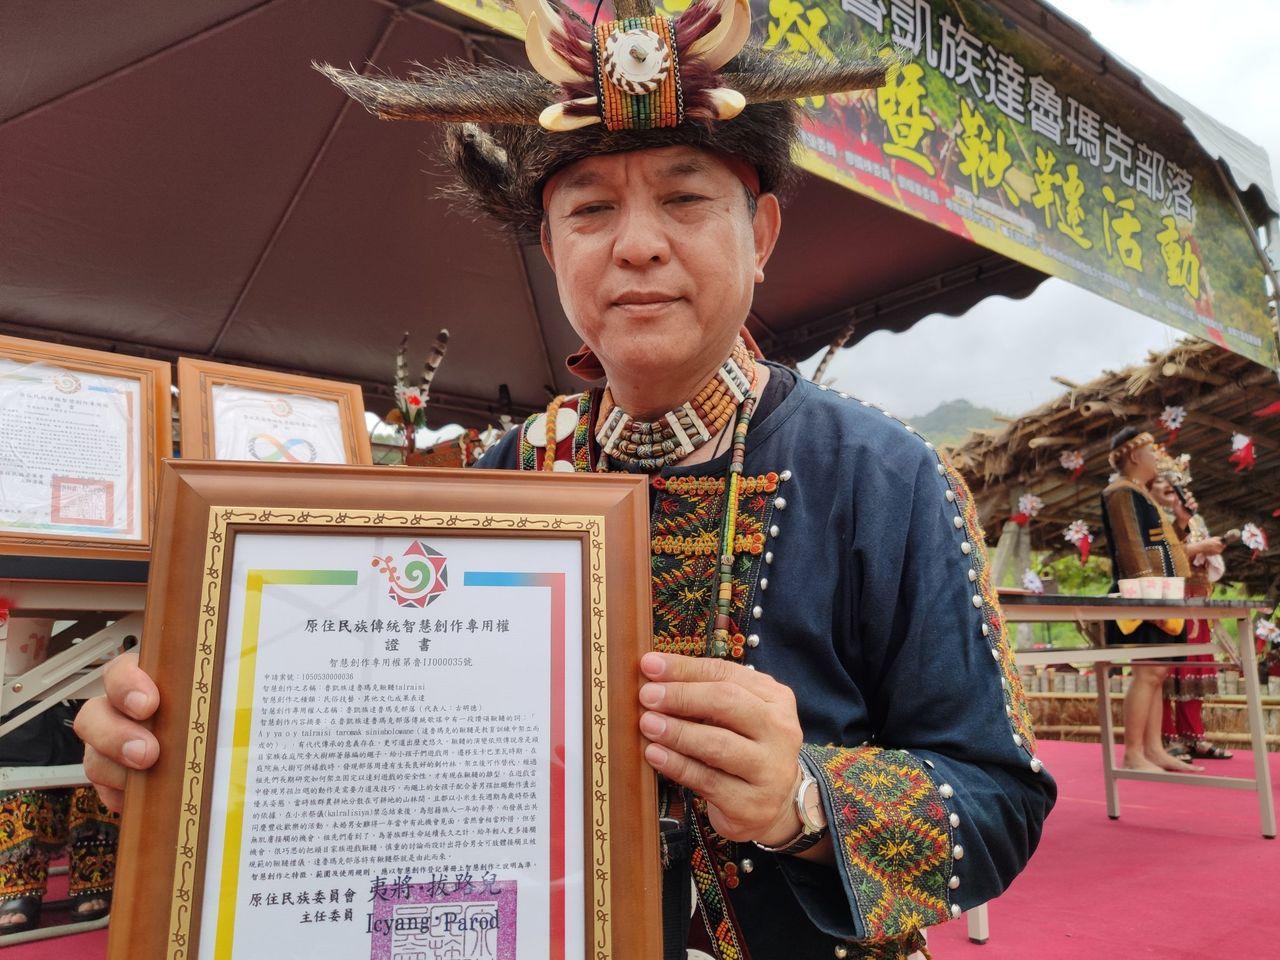 卑南鄉東興村社區發展協會理事長王文賓出示原民會核發的傳統智慧創作專用權獲准證書。...